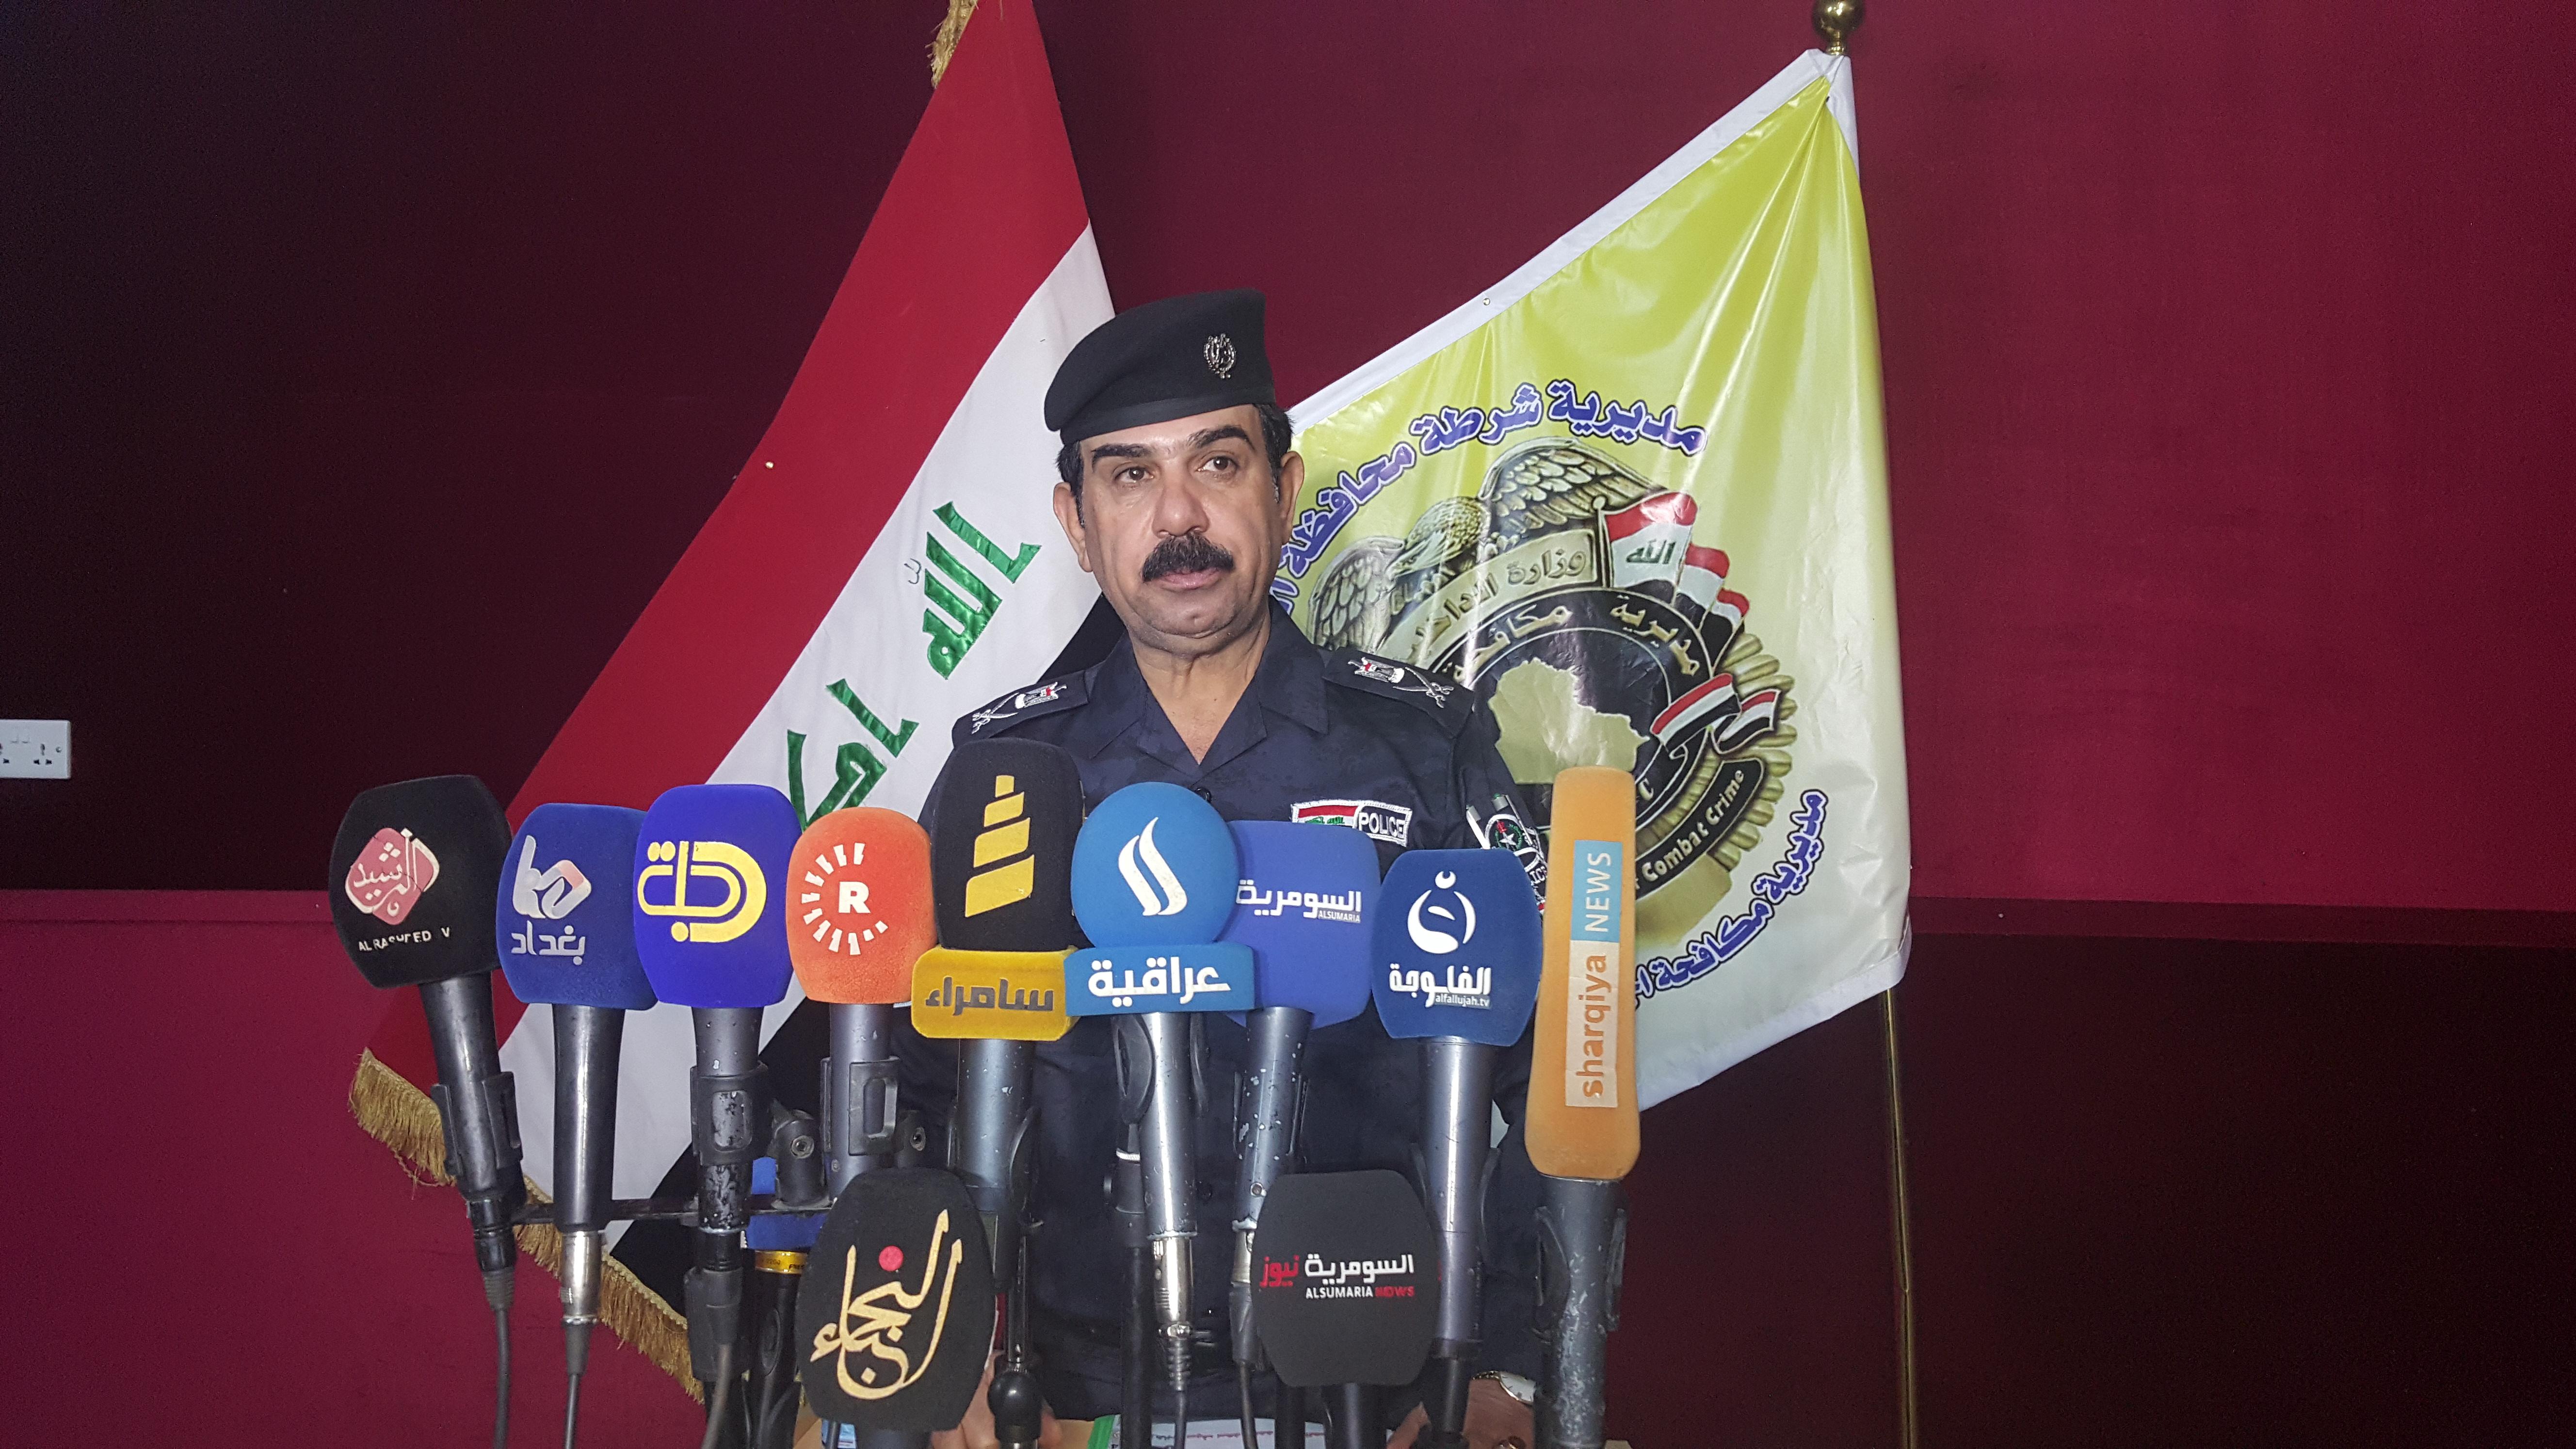 شرطة الانبار تنفي تفجير متهم لديها بسامراء وتؤكد: انه ما زال موقوف لدينا